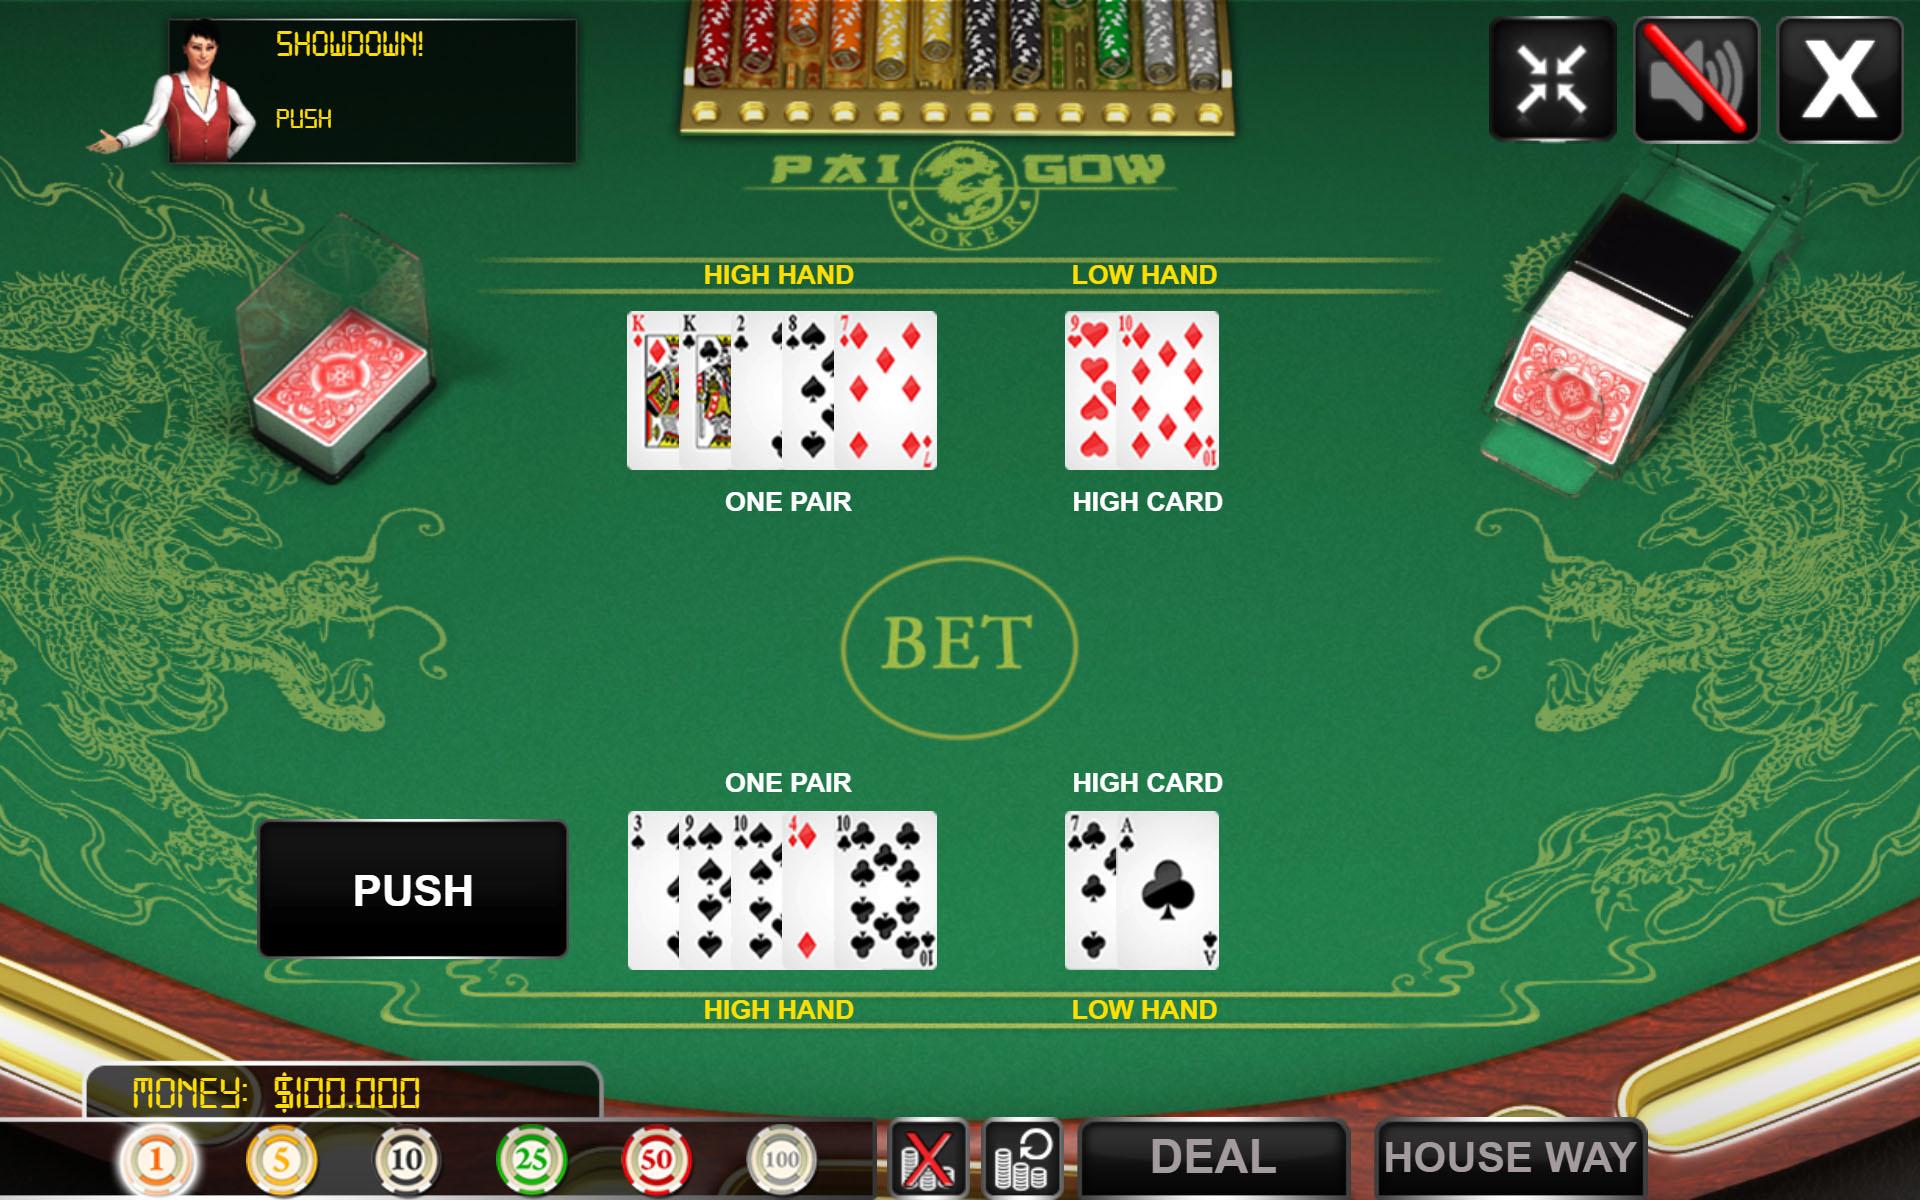 html5 poker game